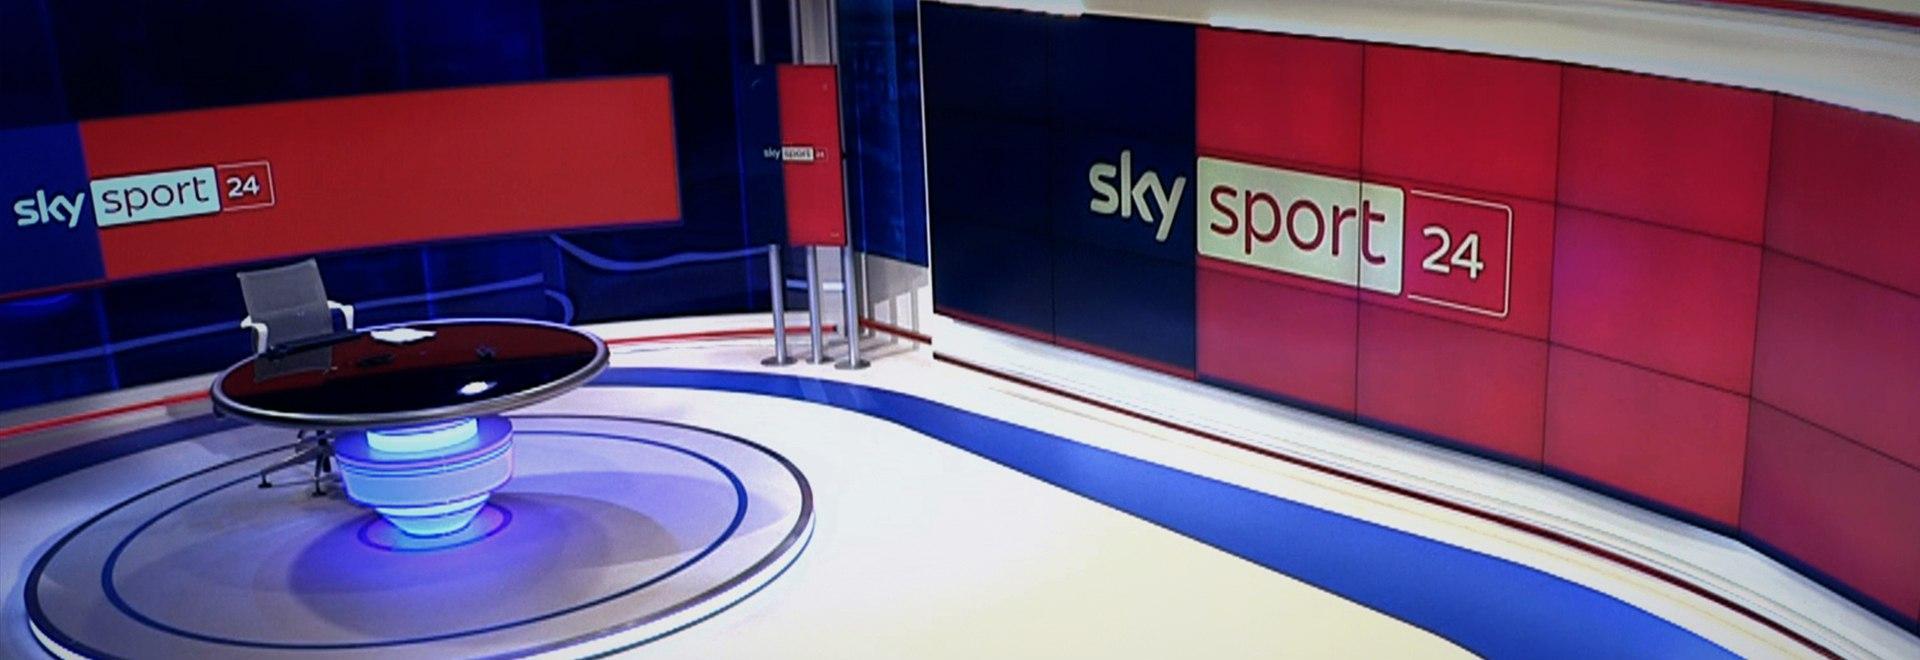 Sky Sport 24 Fanta Show